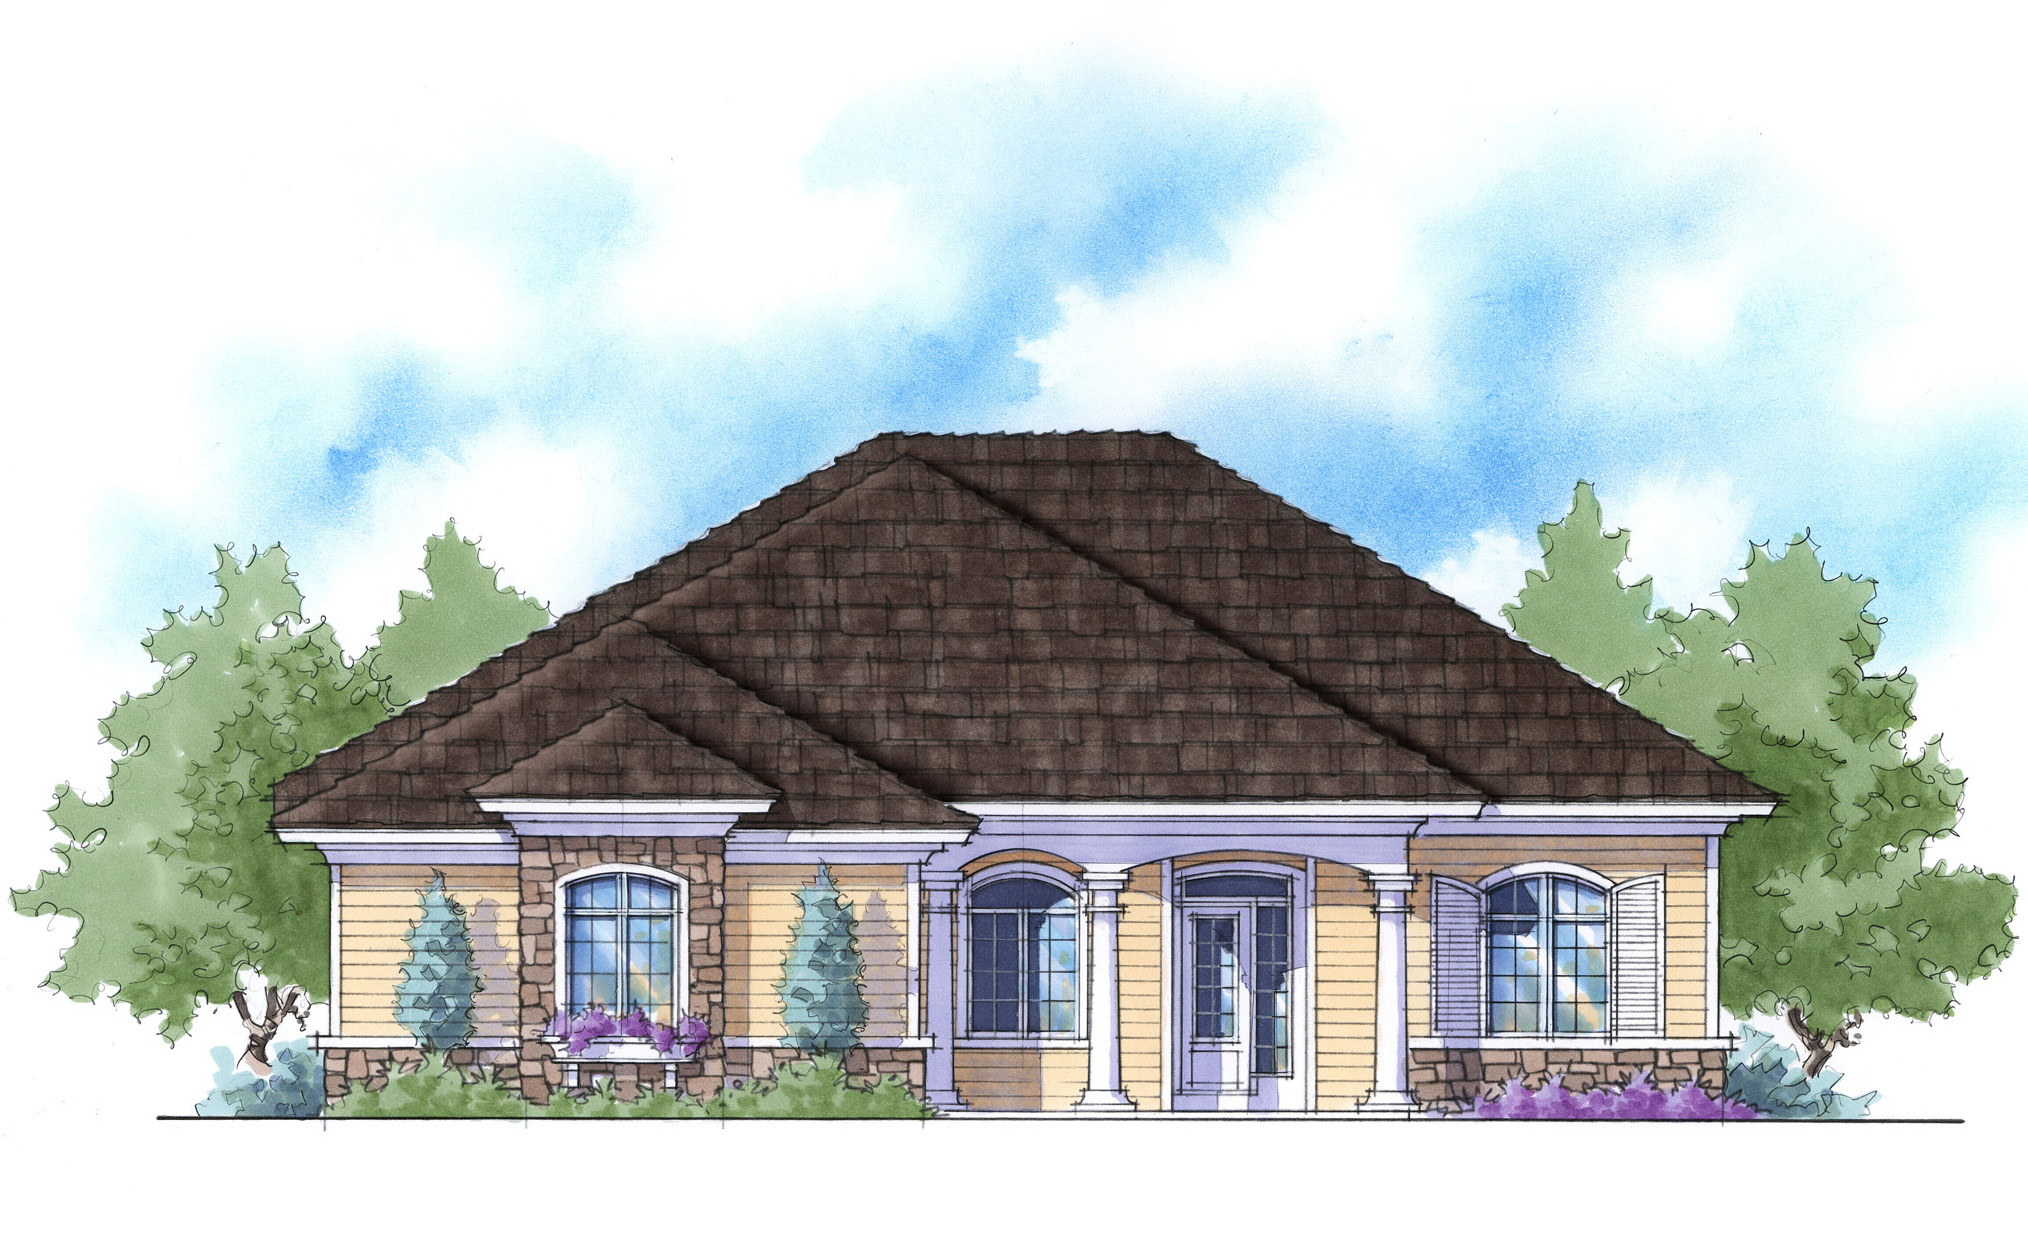 Super Energy Efficient House Plan - 33019zr